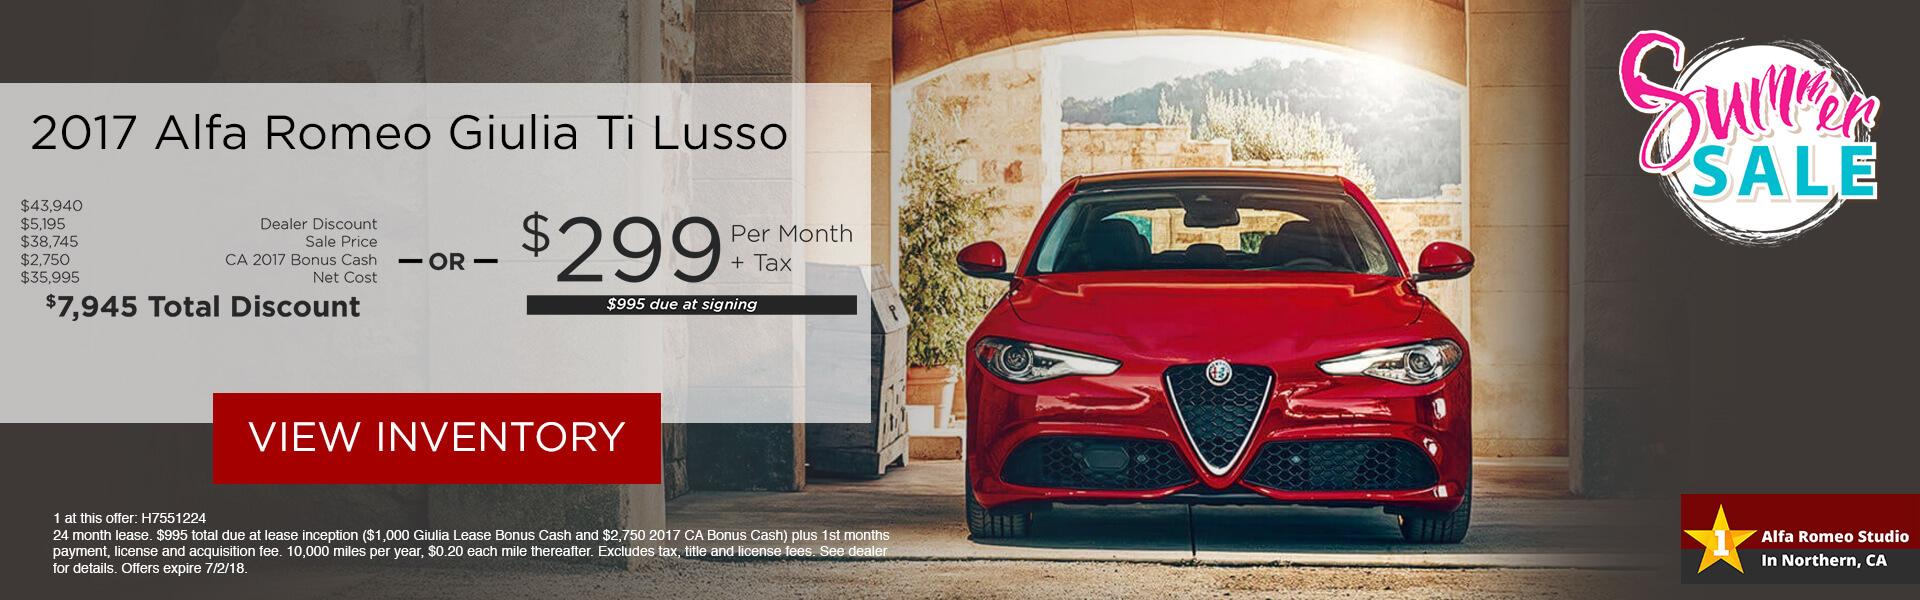 Alfa Romeo Giulia $299